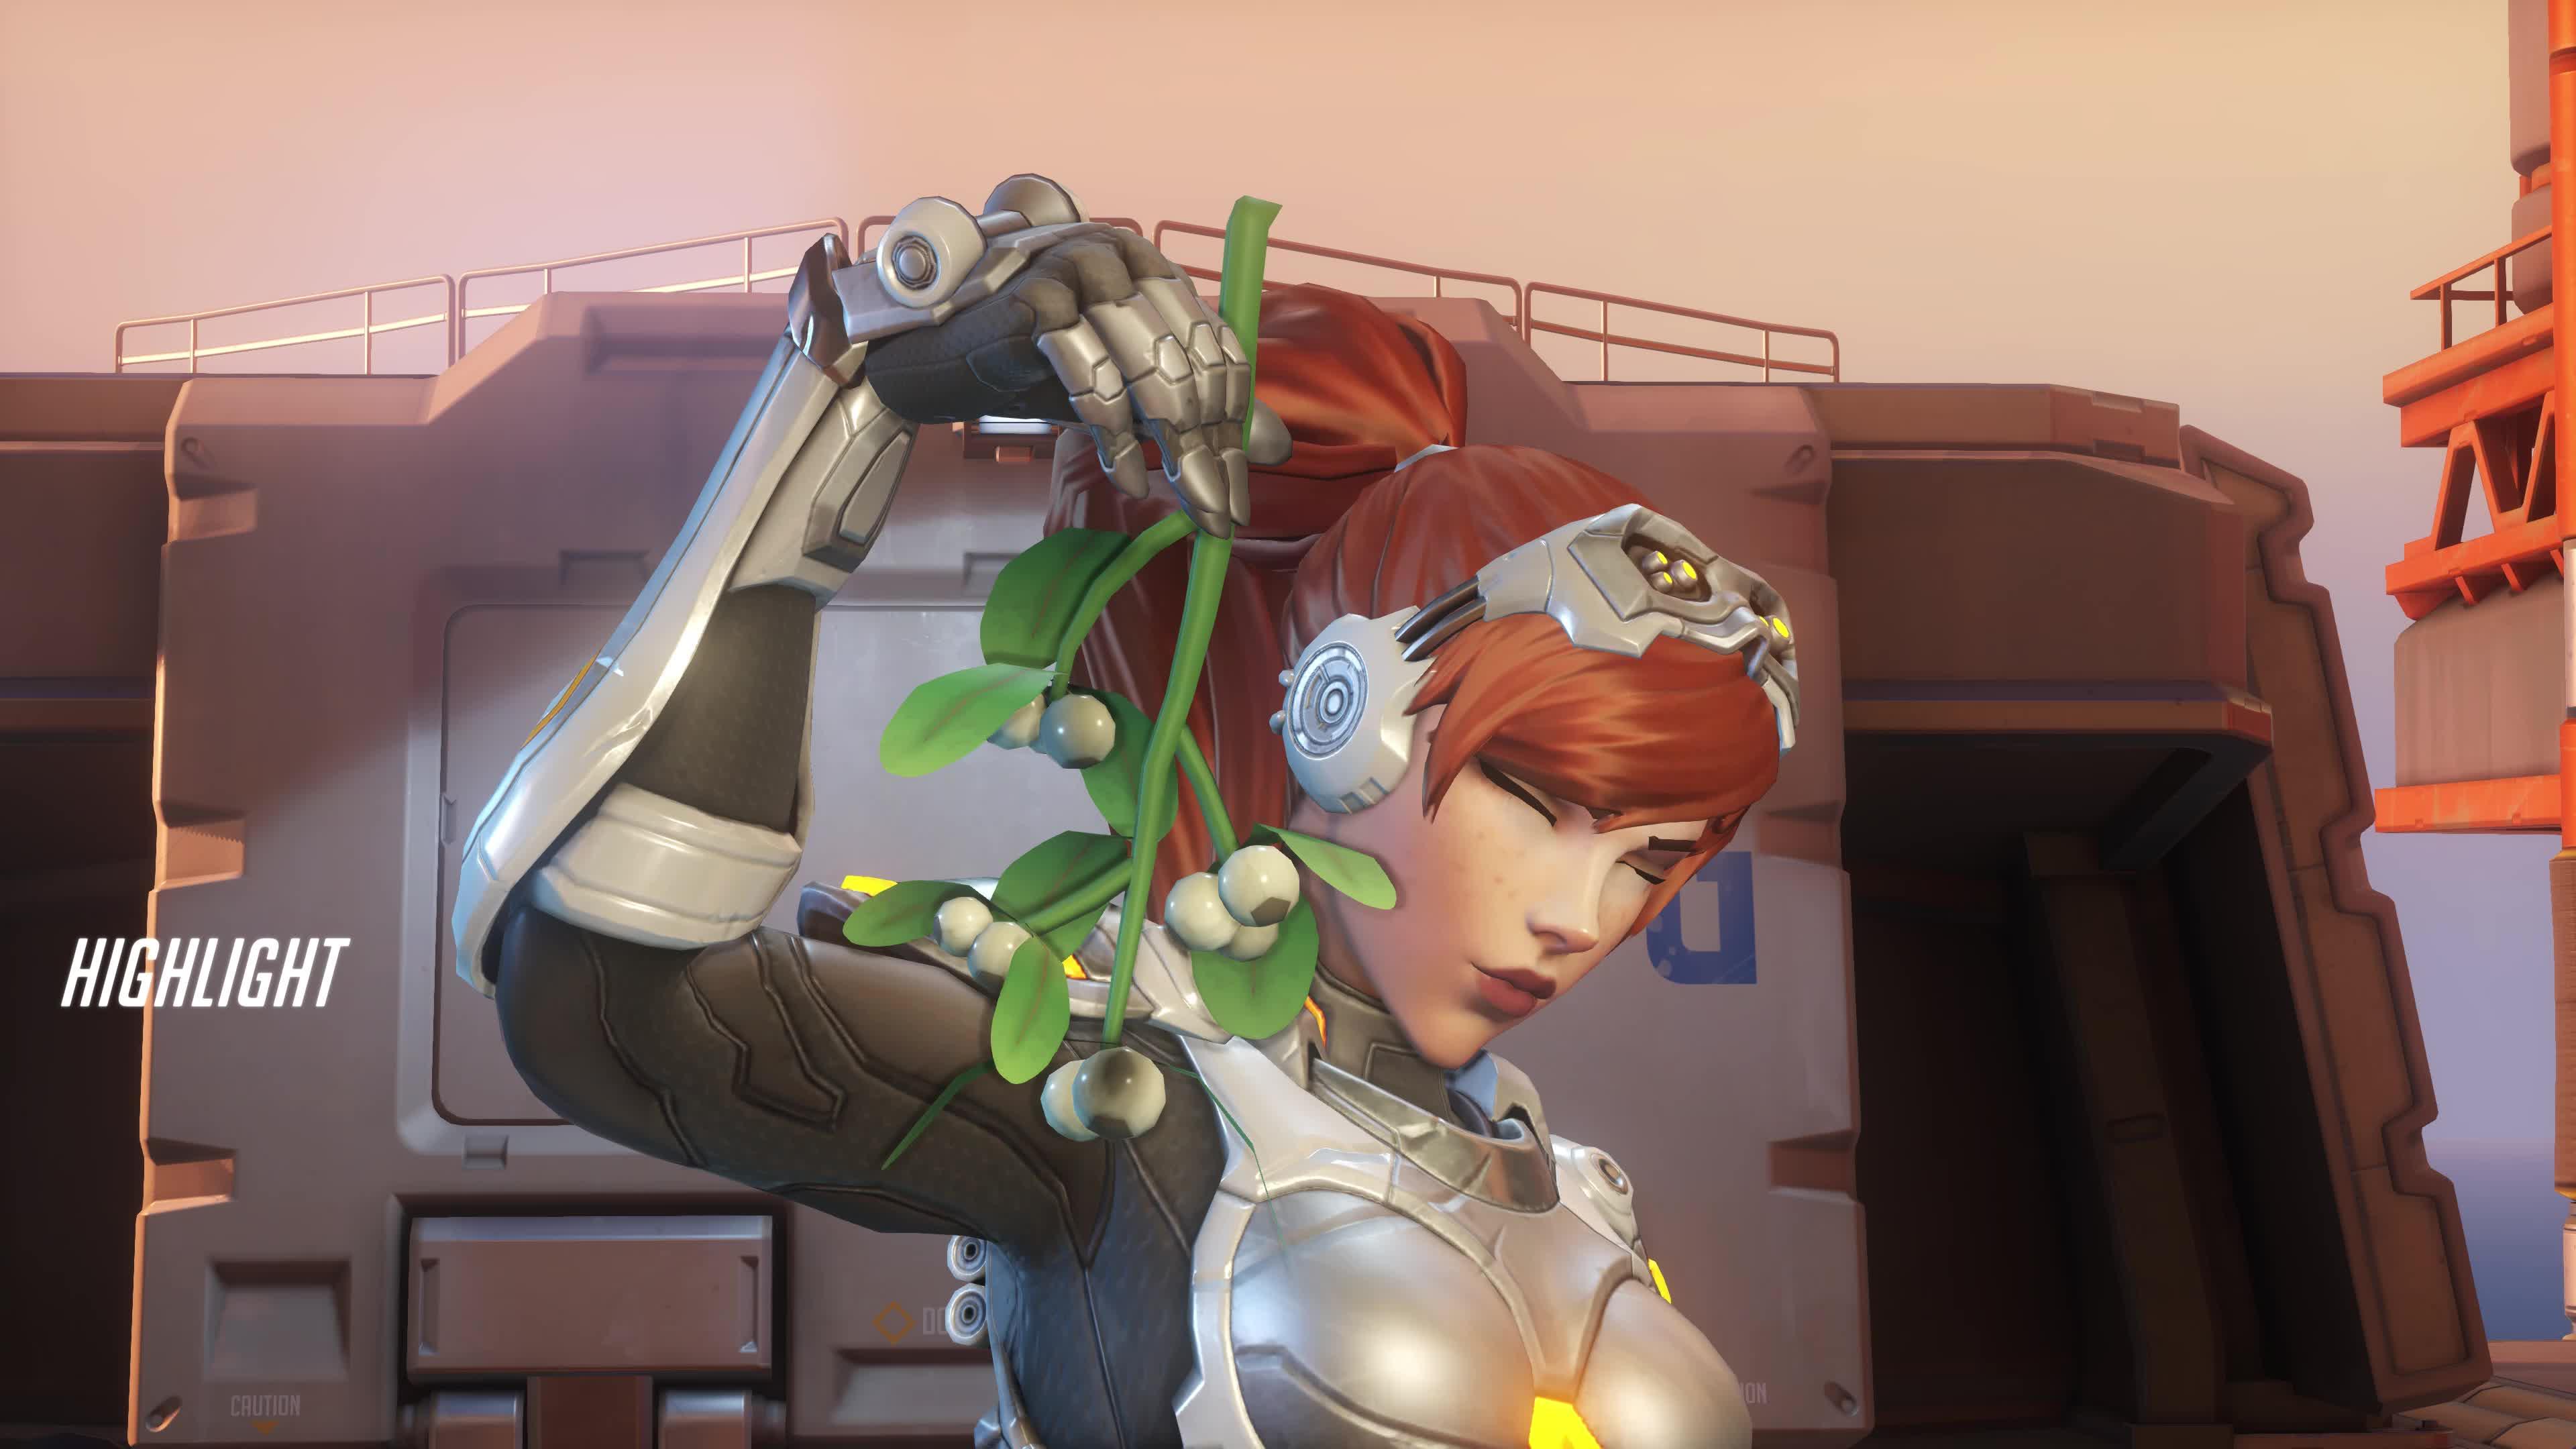 highlight, overwatch, widowmaker, Widow kills genji GIFs